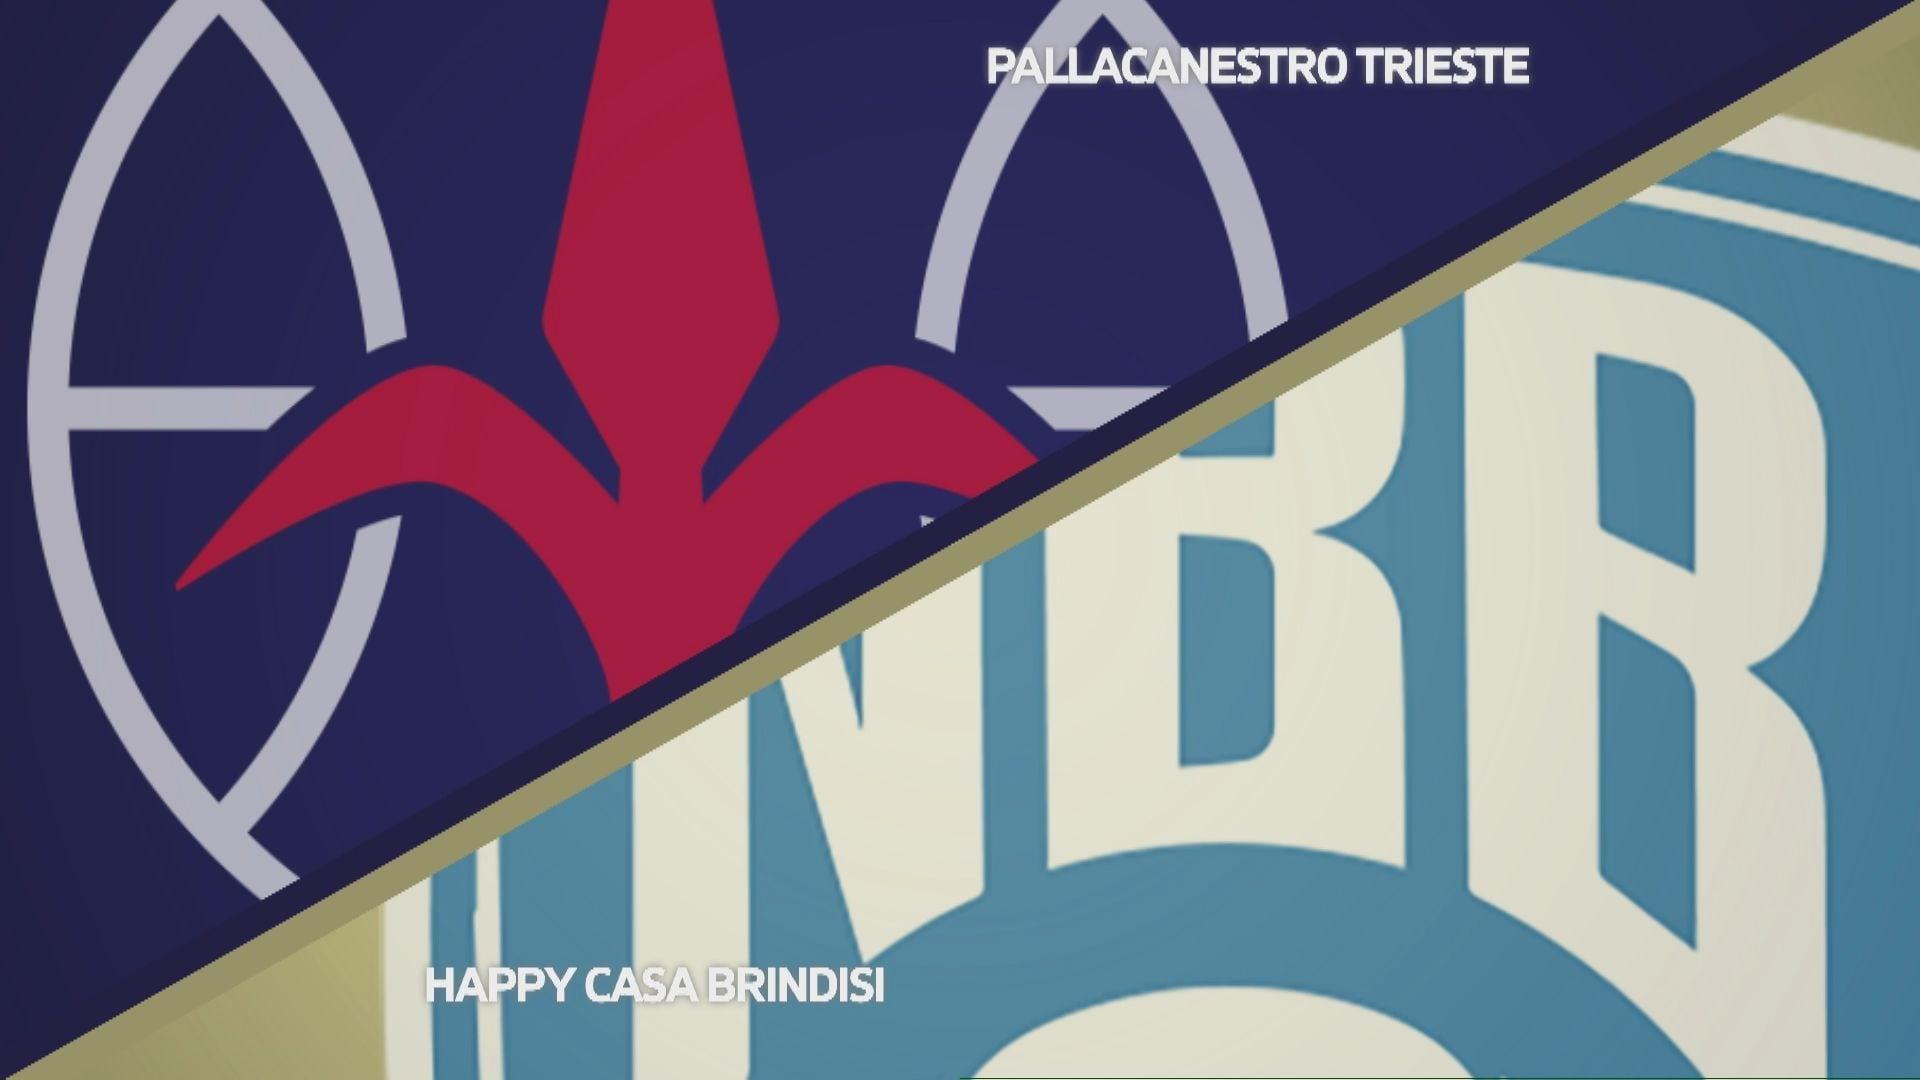 Pallacanestro Trieste - Happy Casa Brindisi